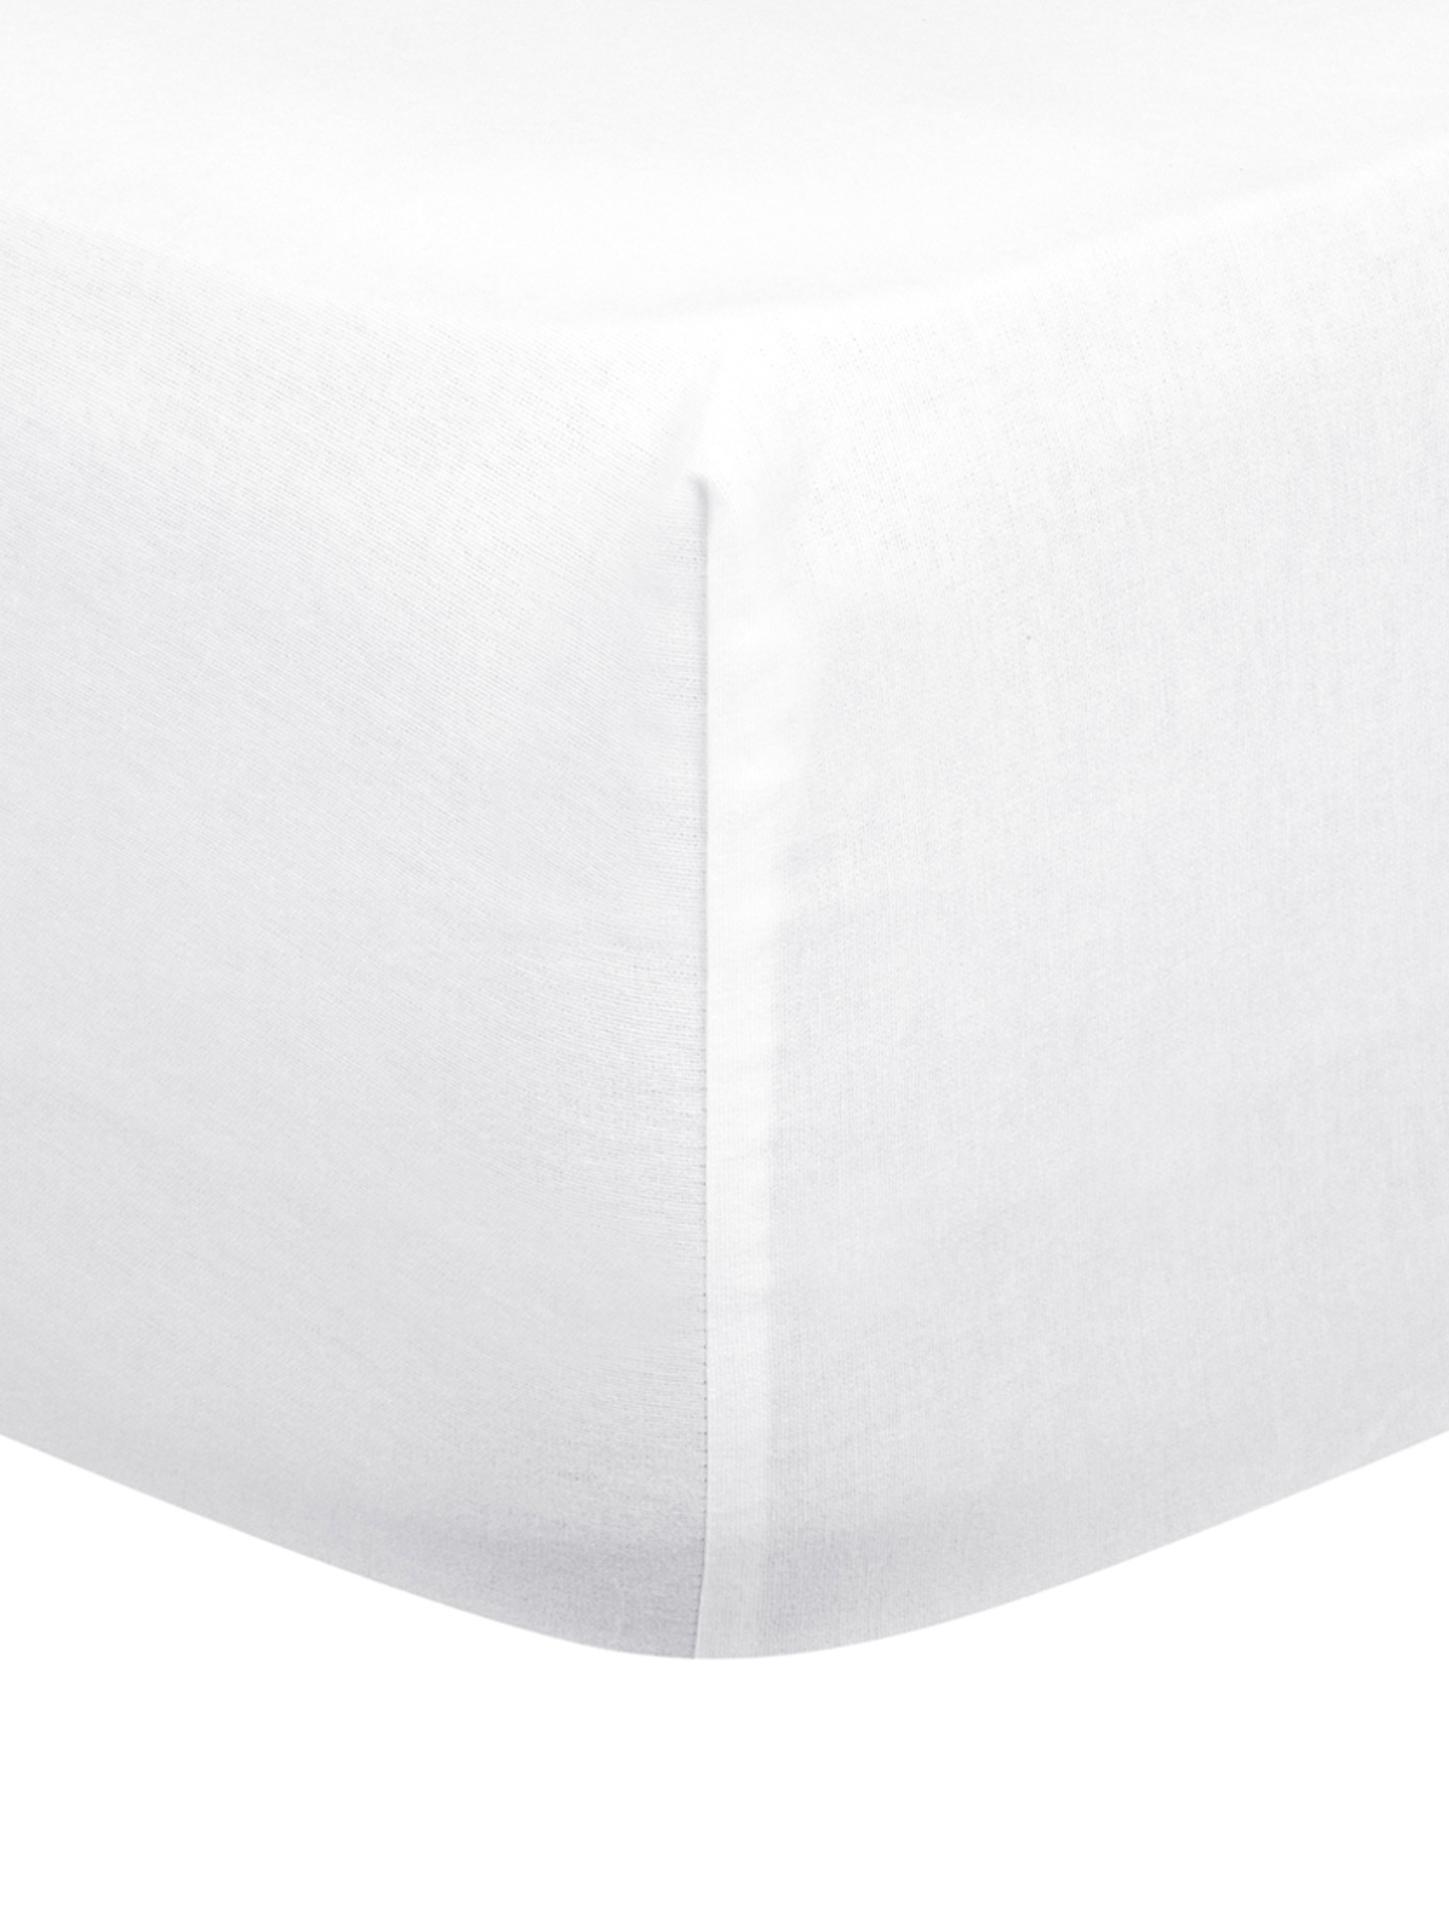 Prześcieradło z gumką z flaneli Biba, Biały, S 90 x D 200 cm